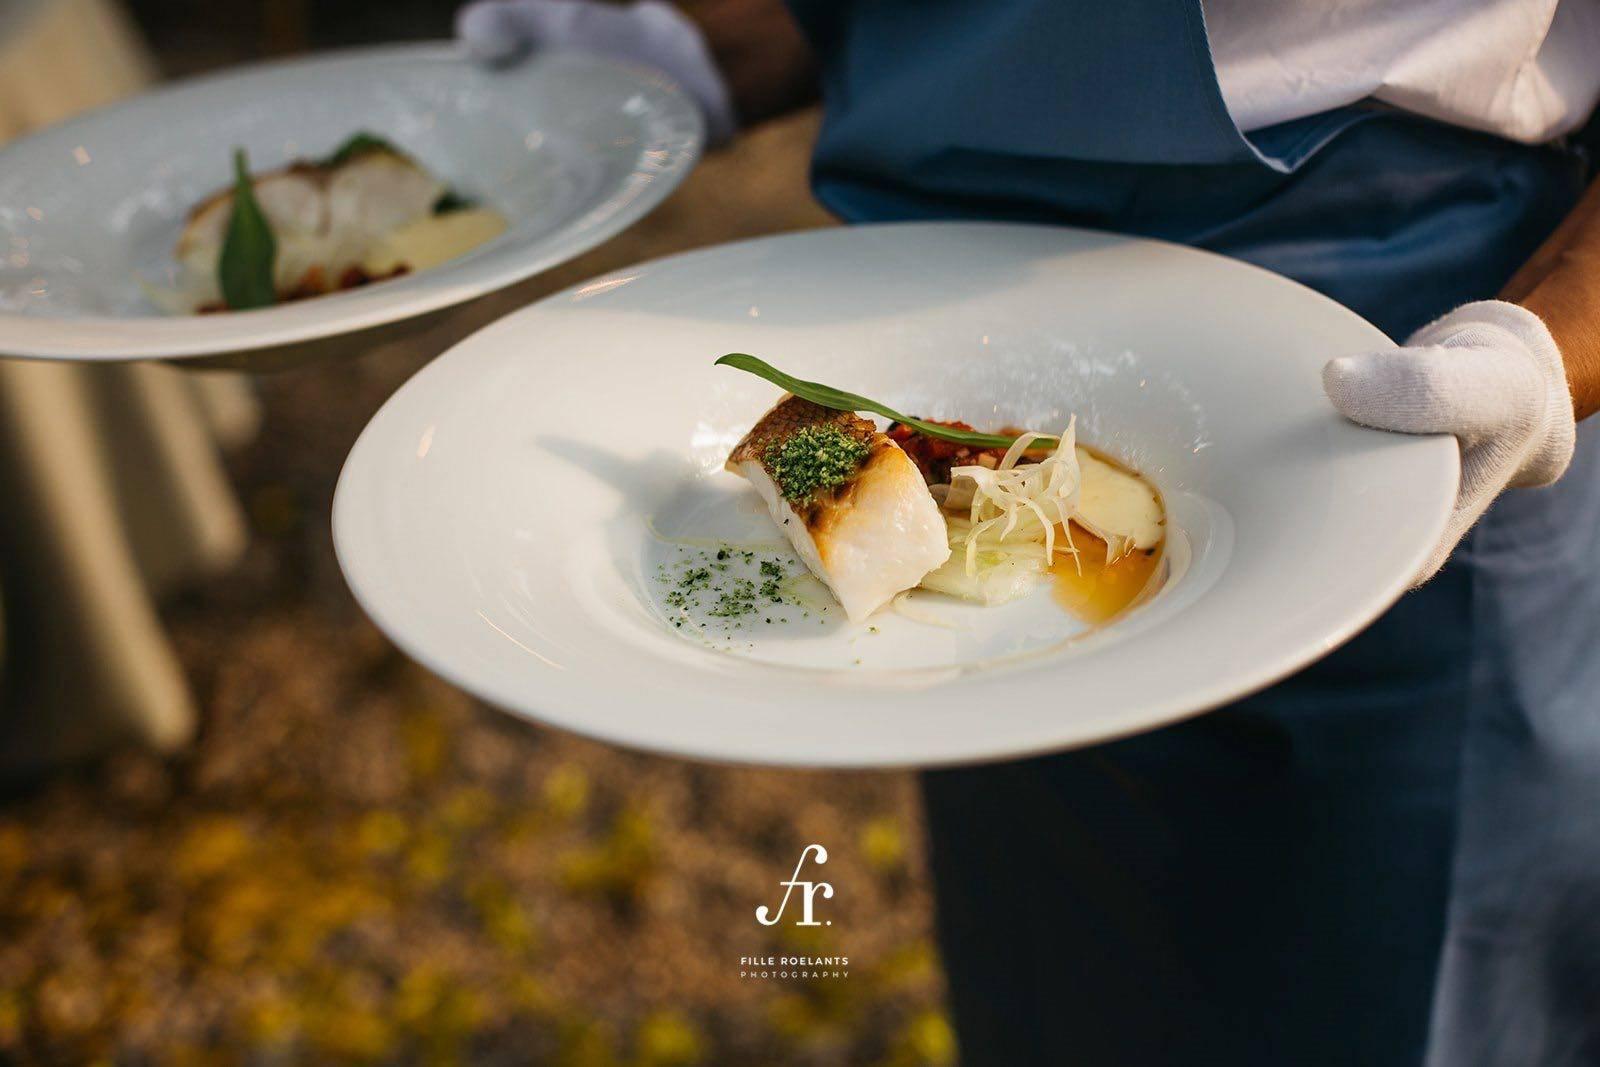 Gastronomie Nicolas - Catering - Traiteur - Trouw - Huwelijk - Bruiloft - House of Events - 9